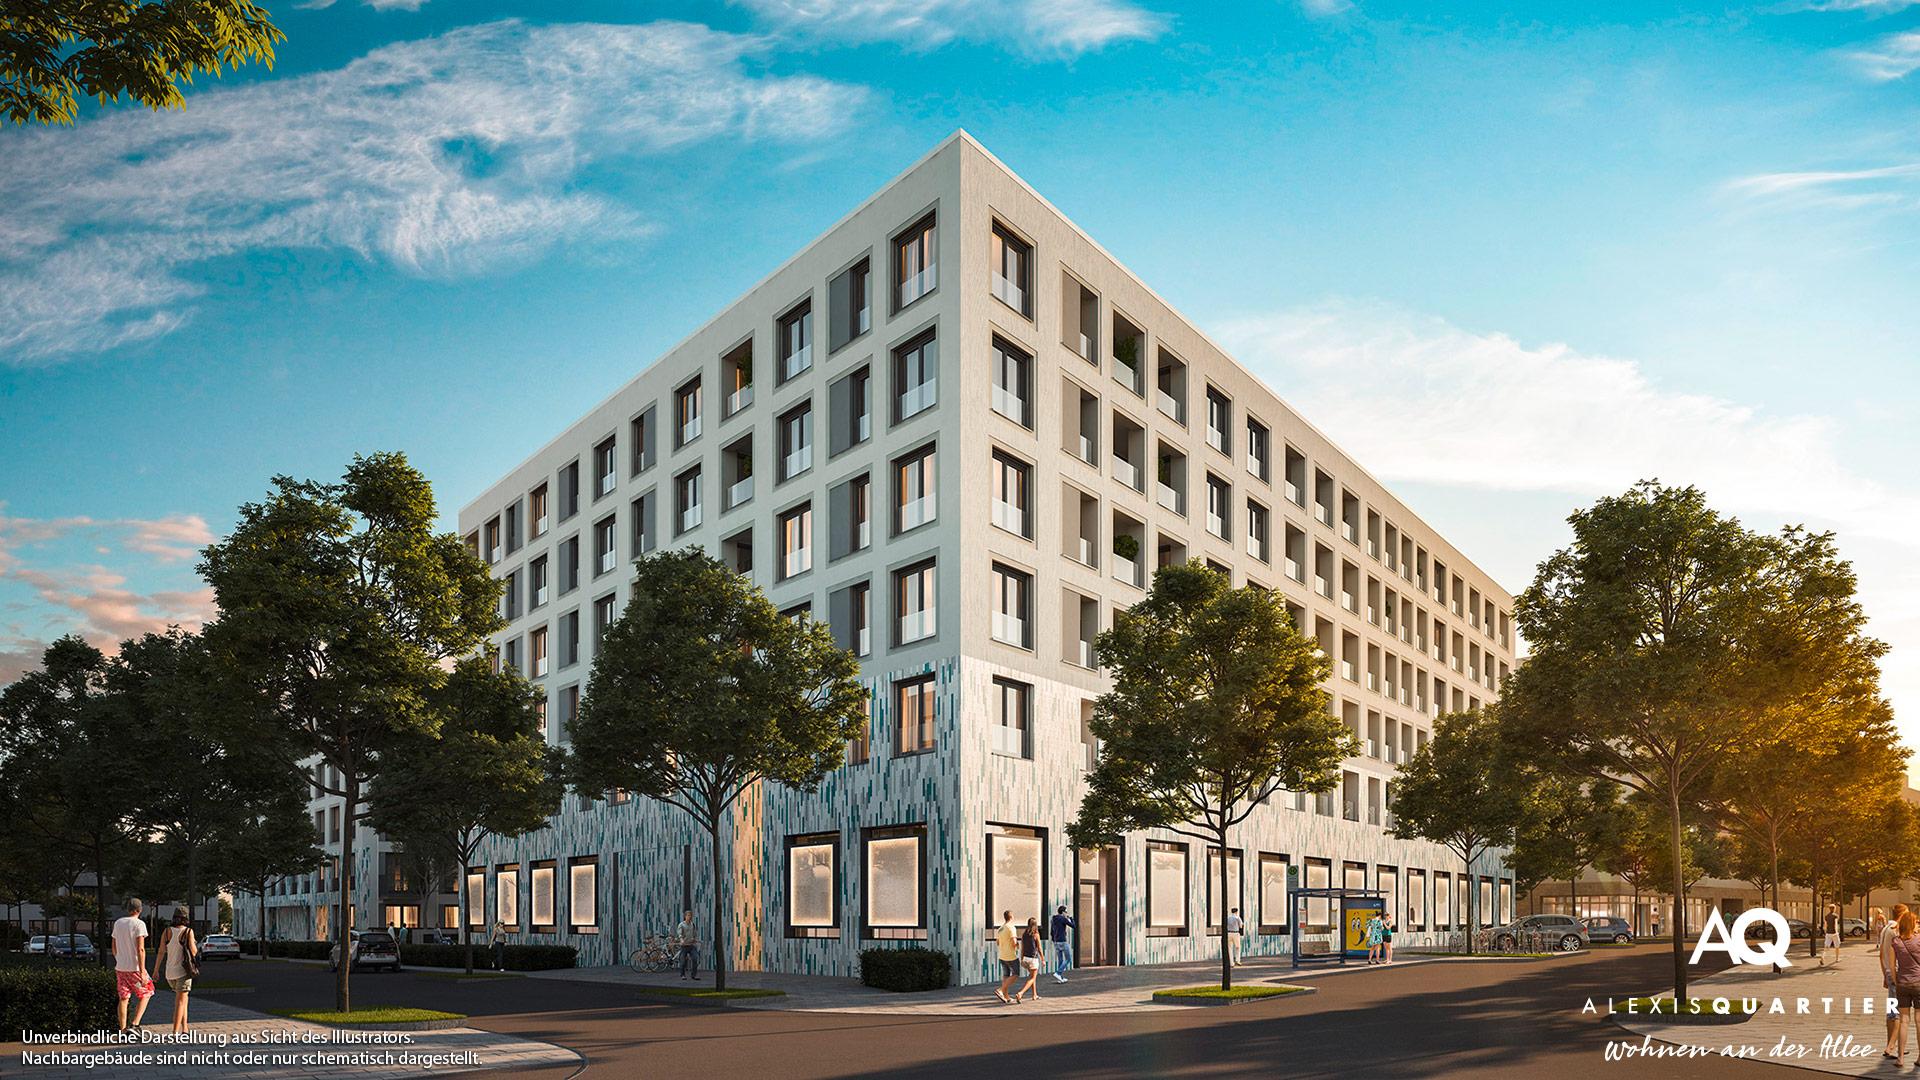 Immobilie Alexisquartier - Wohnen an der Allee - Illustration 4